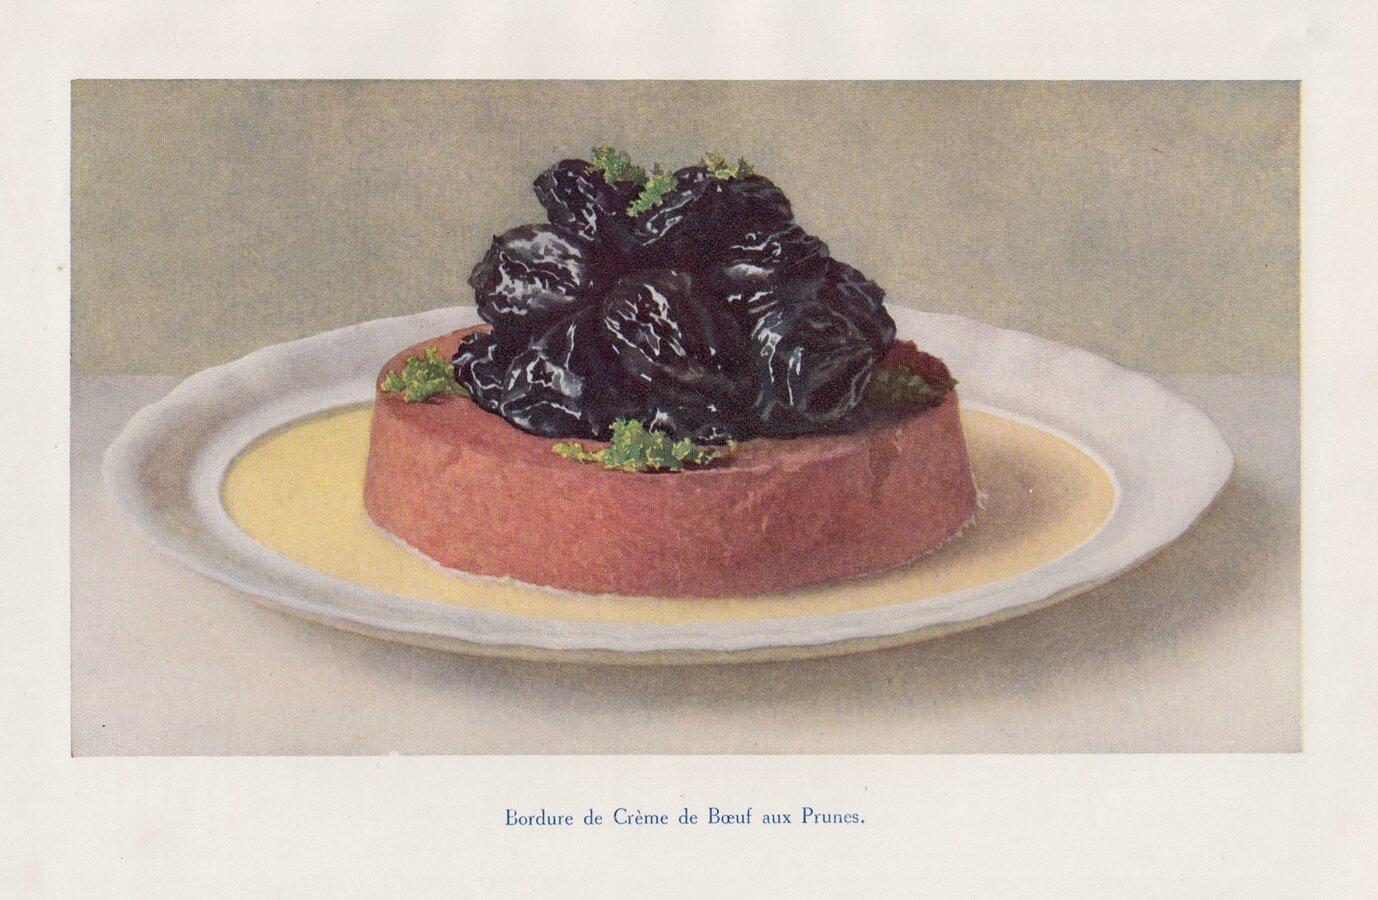 Bordure de Crème de Boeuf aux Prunes.